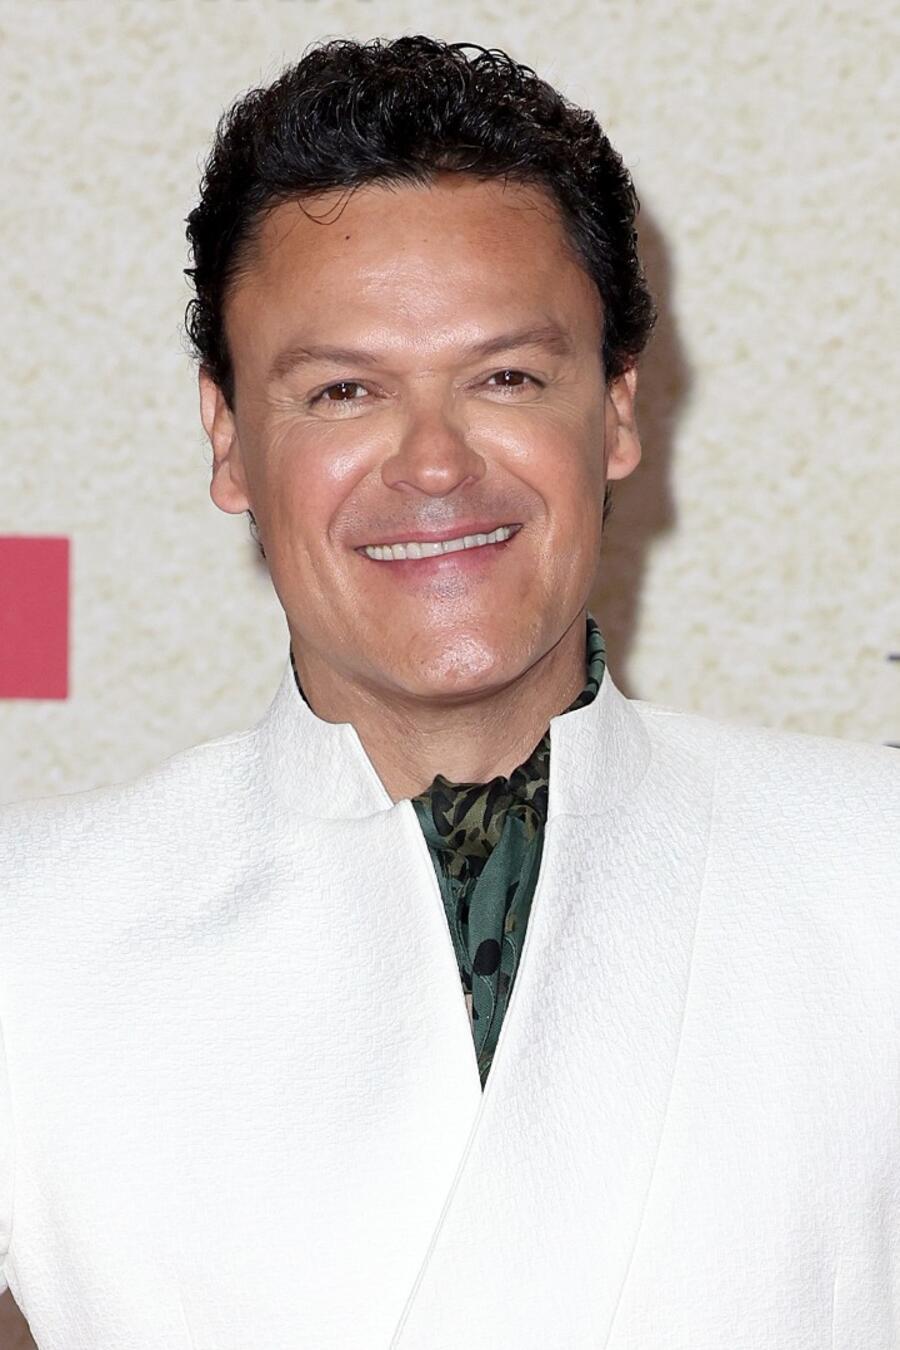 Pedro Fernández en la red carpet de los Premios Billboard 2021